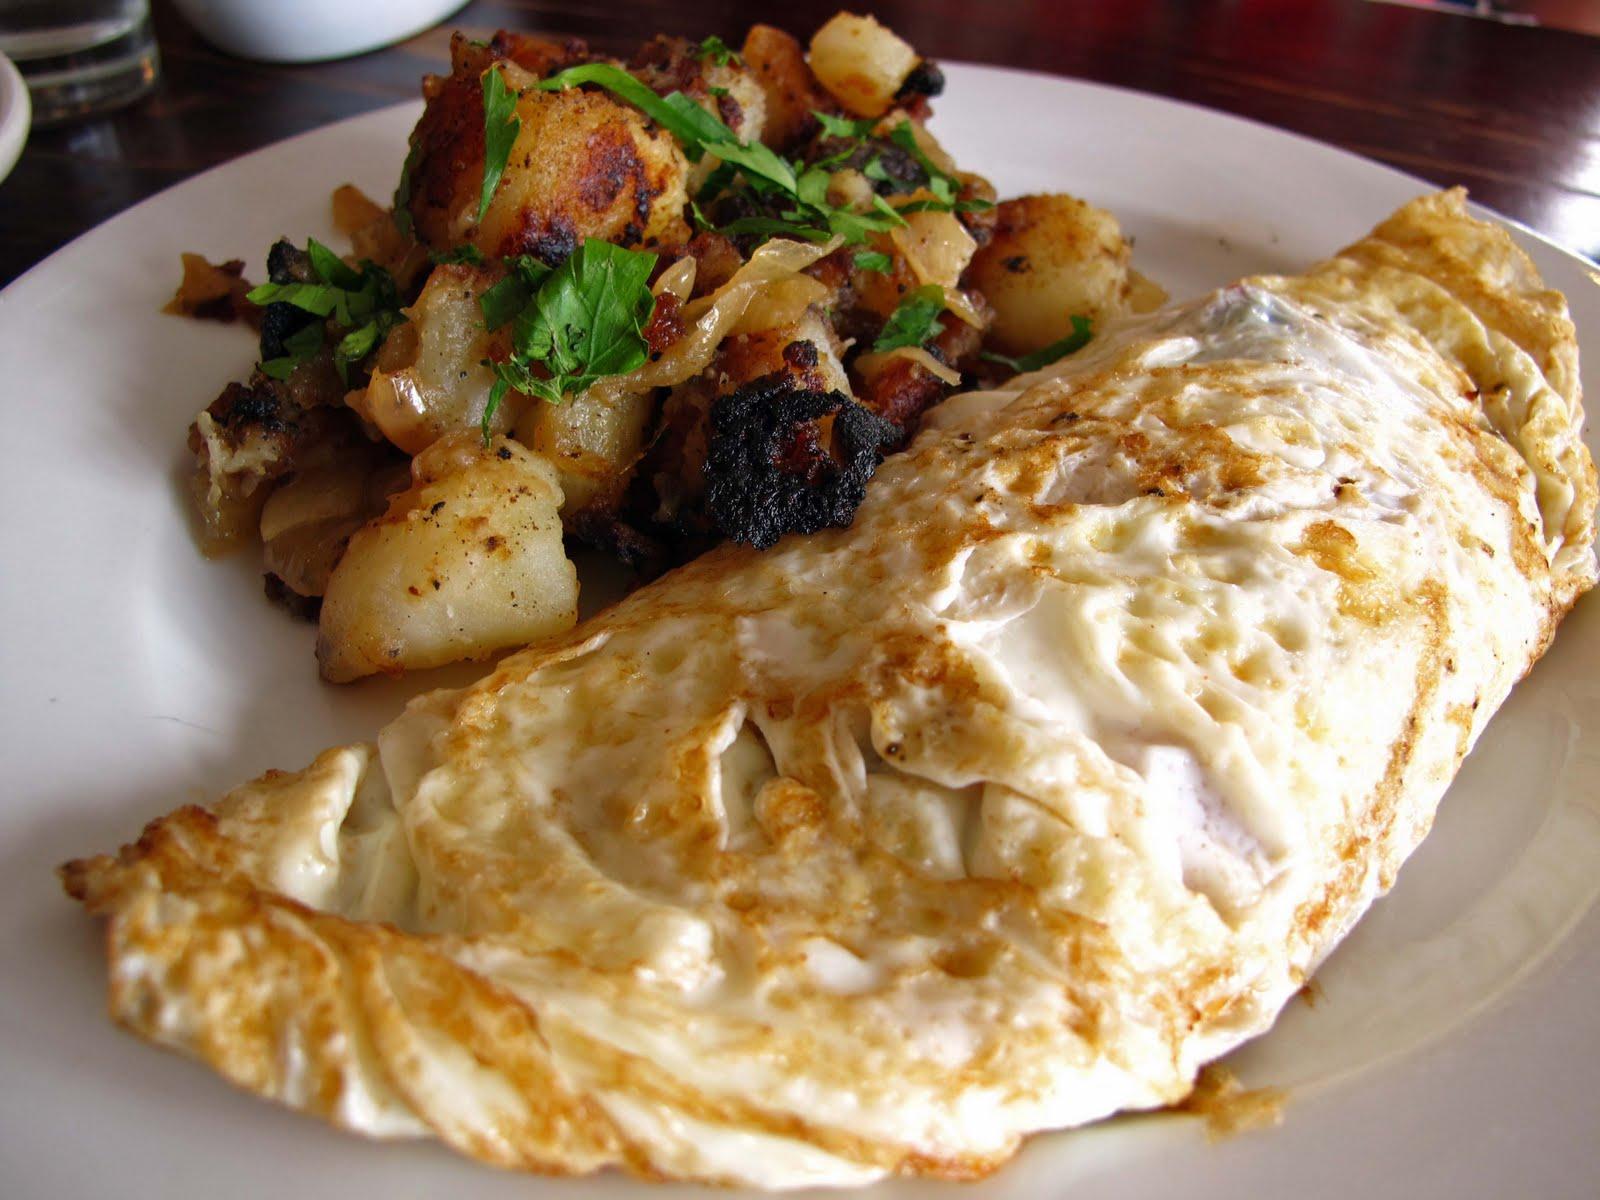 ... mozzarella to yesterday's egg white omelette with ricotta, basil